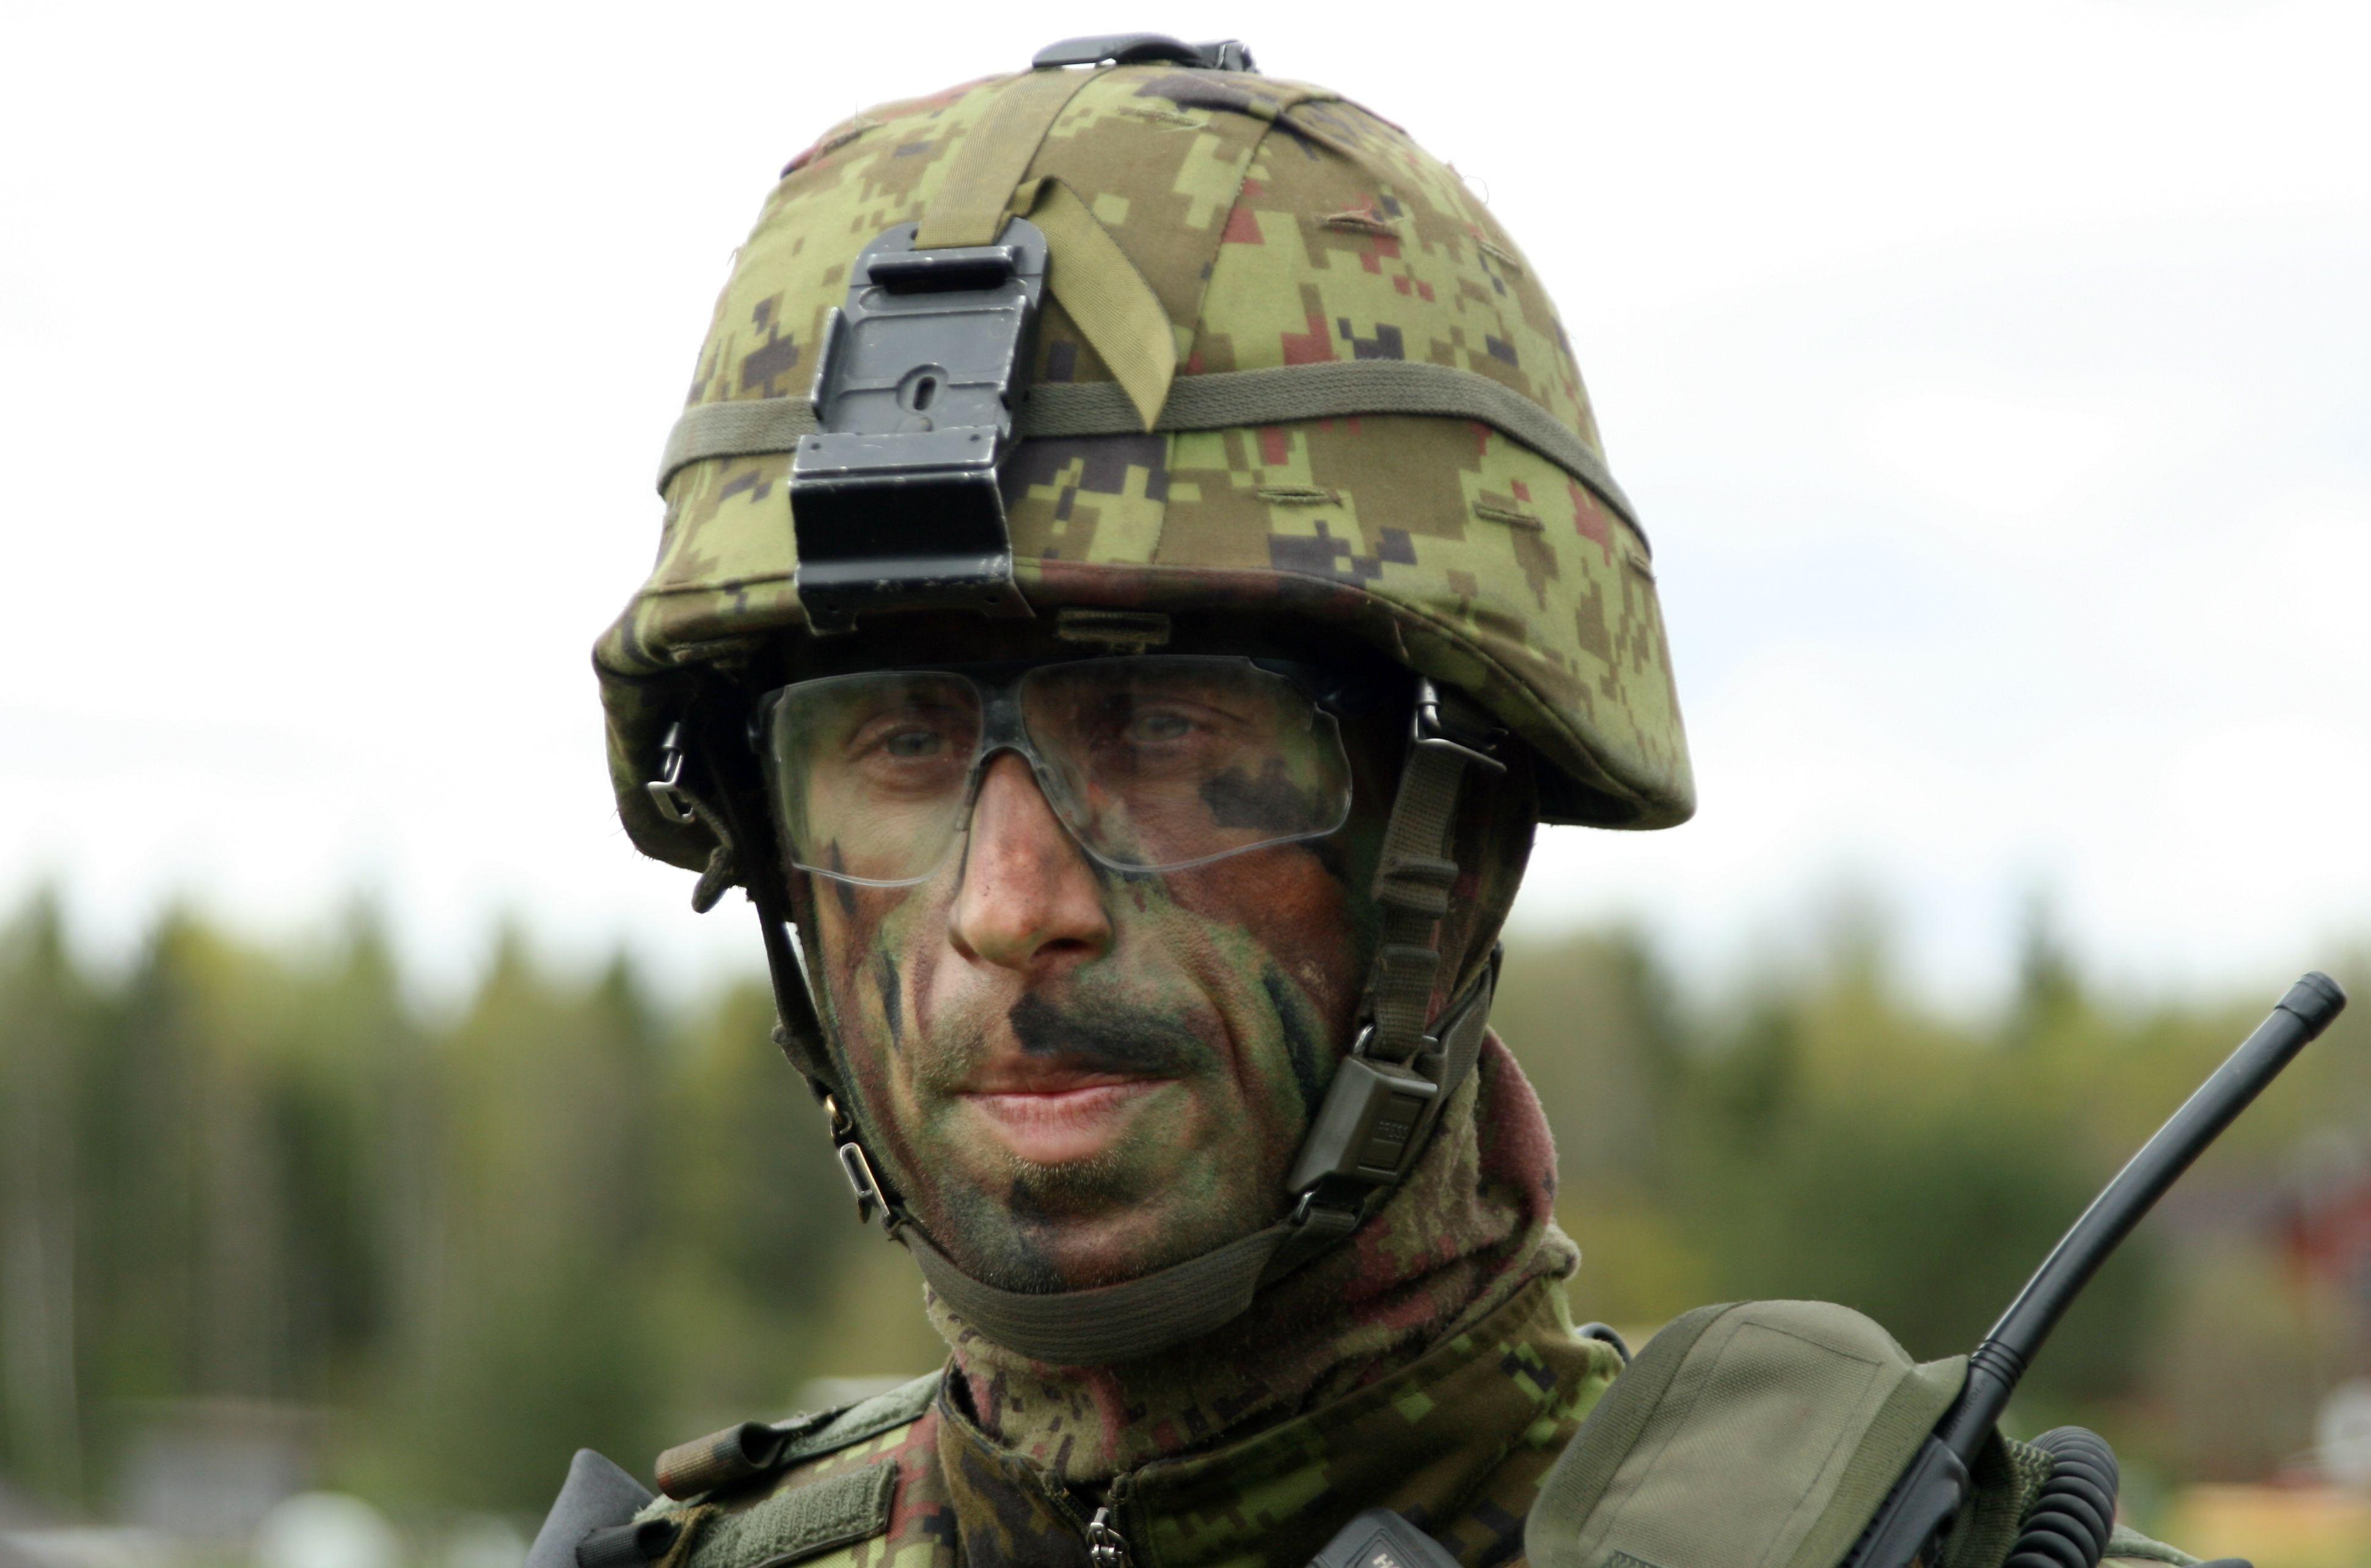 """Igaunijas Aizsardzības spēku kapteinis  Igaunijas militāro mācību """"Siil 2015"""" (""""Ezis 2015"""") laikā, kurās piedalās vairāk nekā 13 000 karavīru no Igaunijas Aizsardzības spēku aktīvā un obligātā militārā dienesta, un rezerves dienesta, kā arī brīvprātīgās Aizsardzības līgas """"Kaitseliit"""" (Zemessardzes) un astoņām NATO dalībvalstīm."""